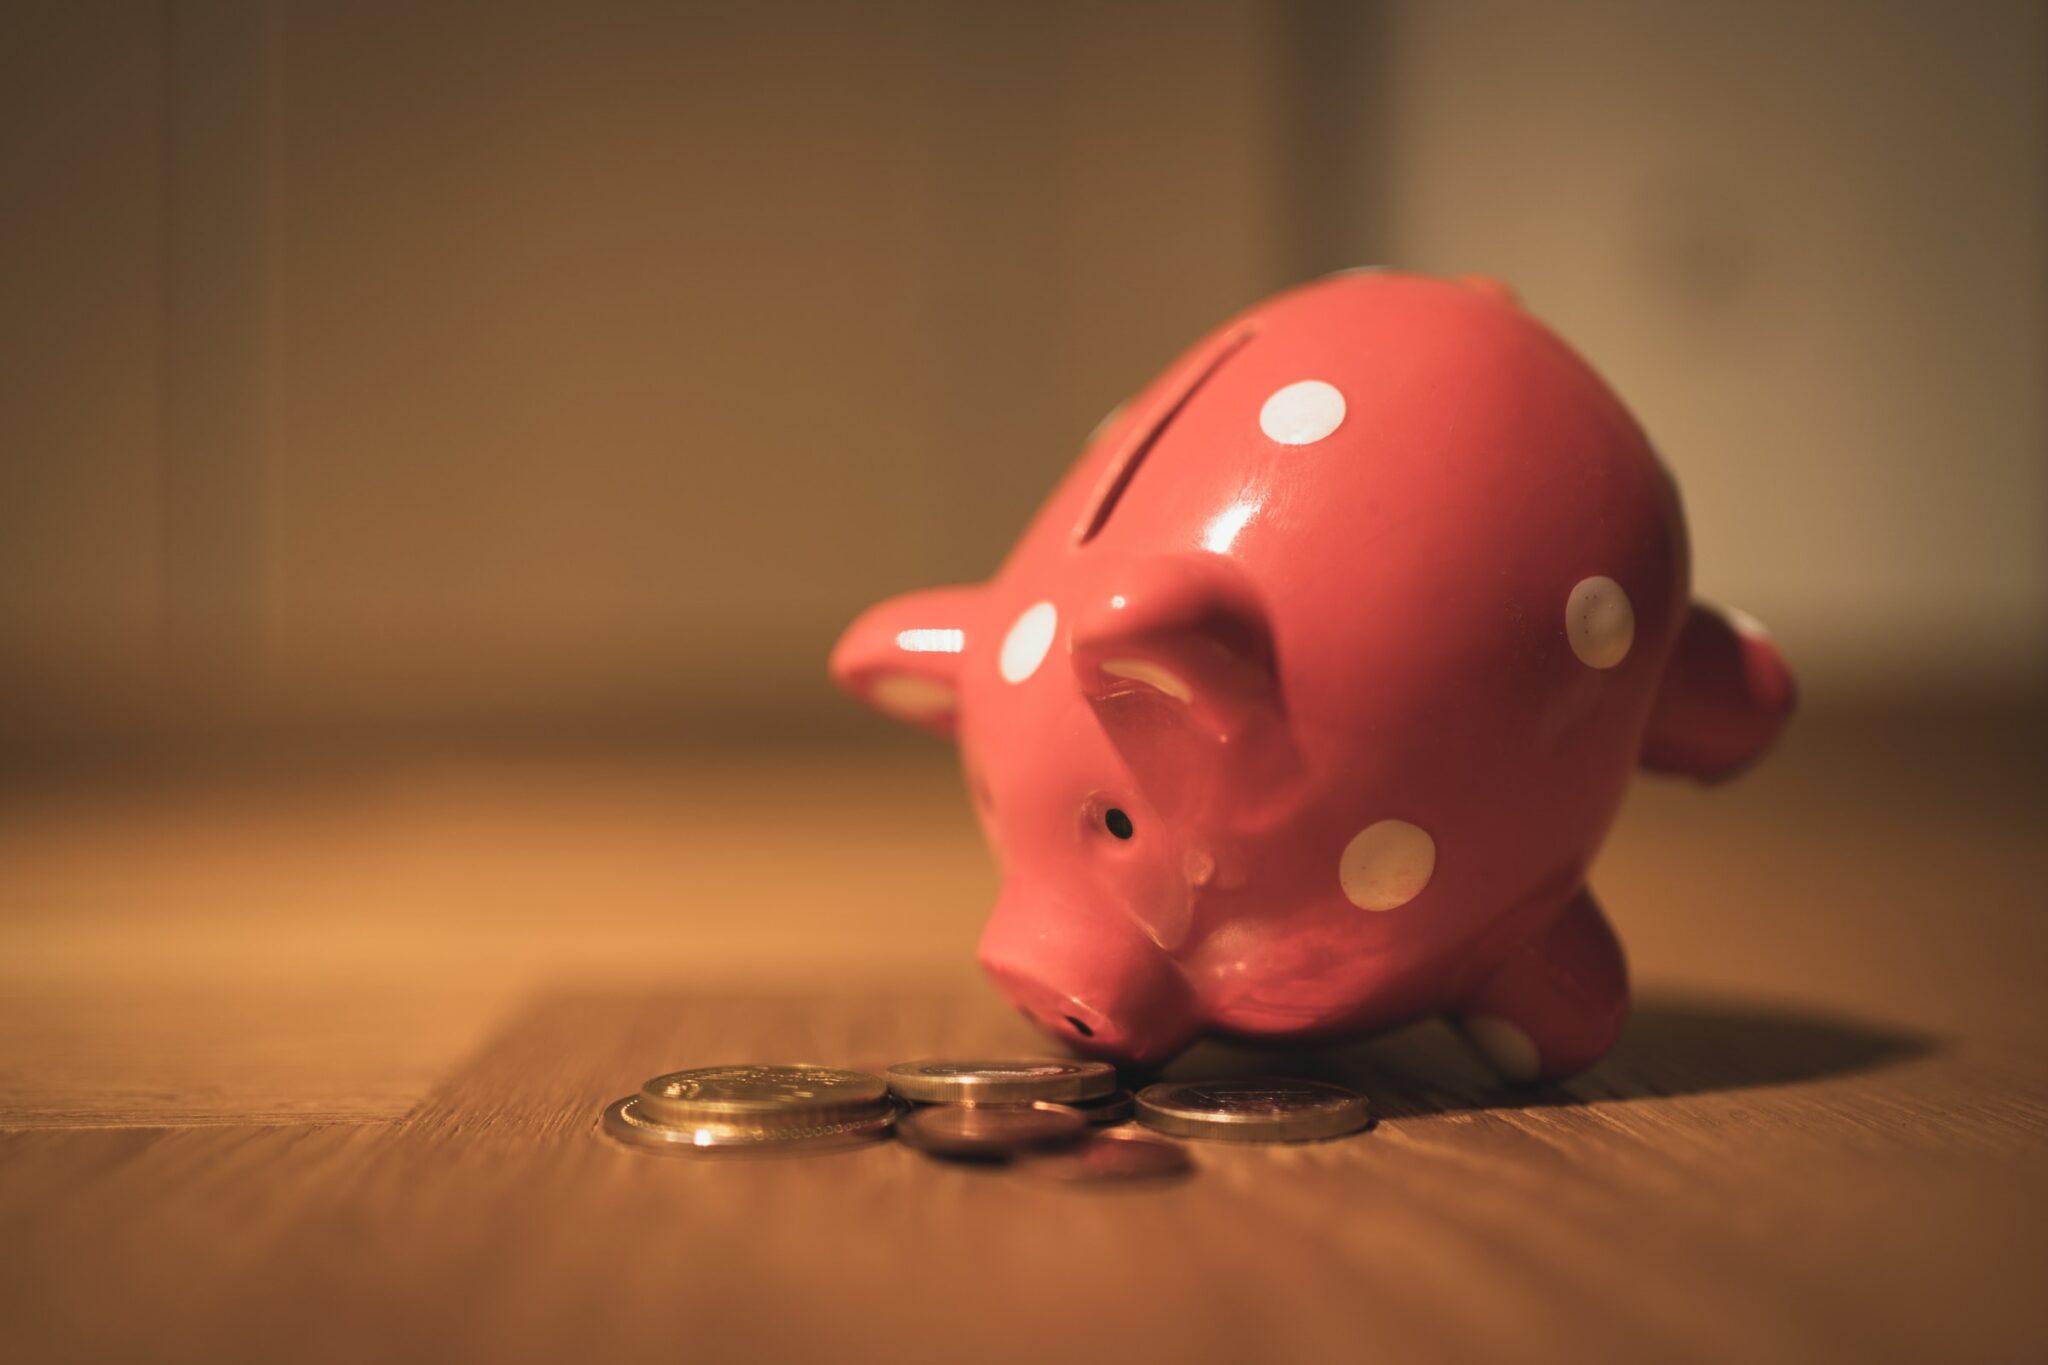 Următoarea criză financiară se apropie cu pași rapizi